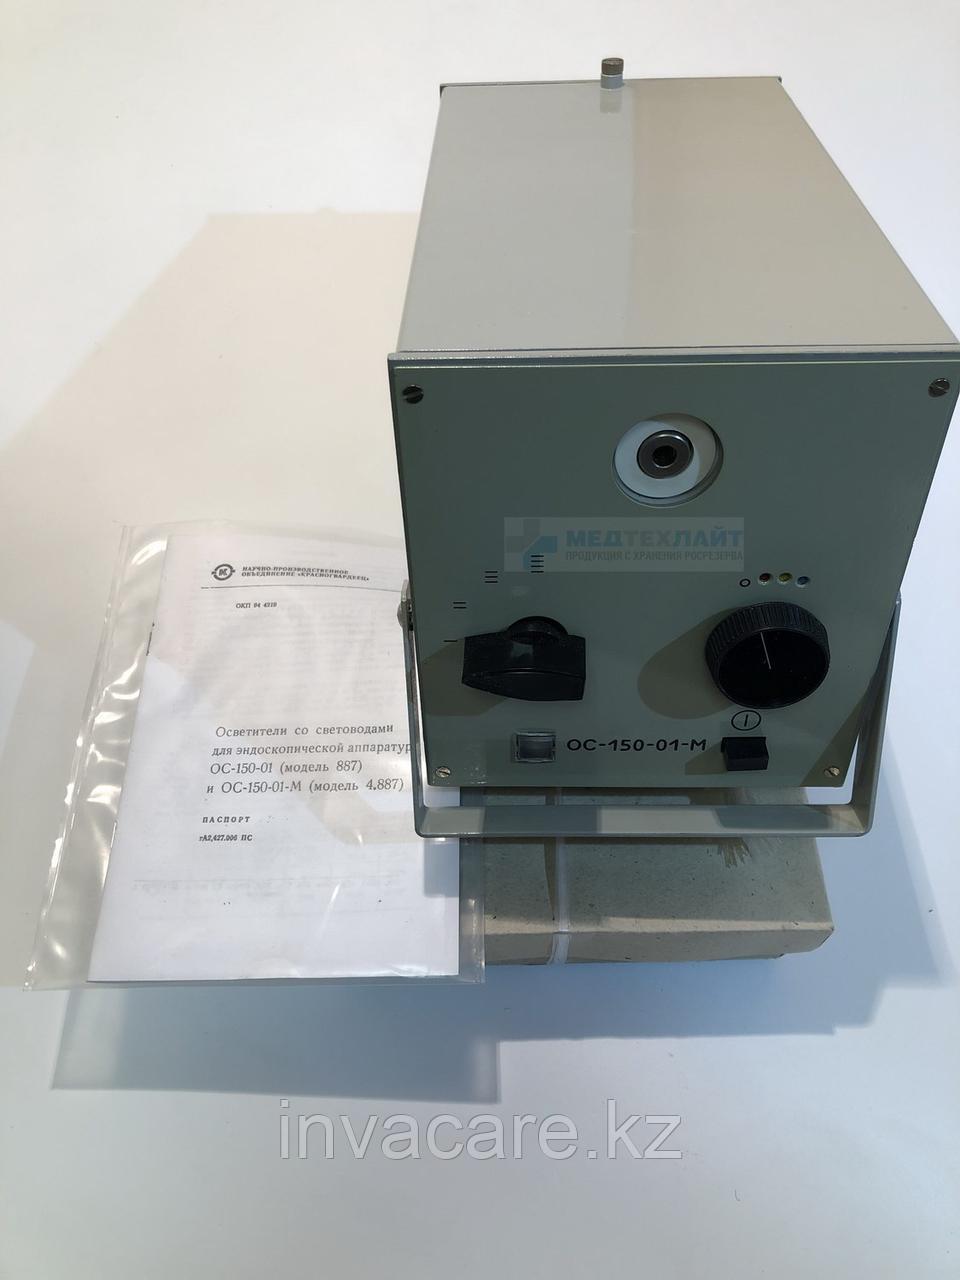 Осветитель ОС-150-01М